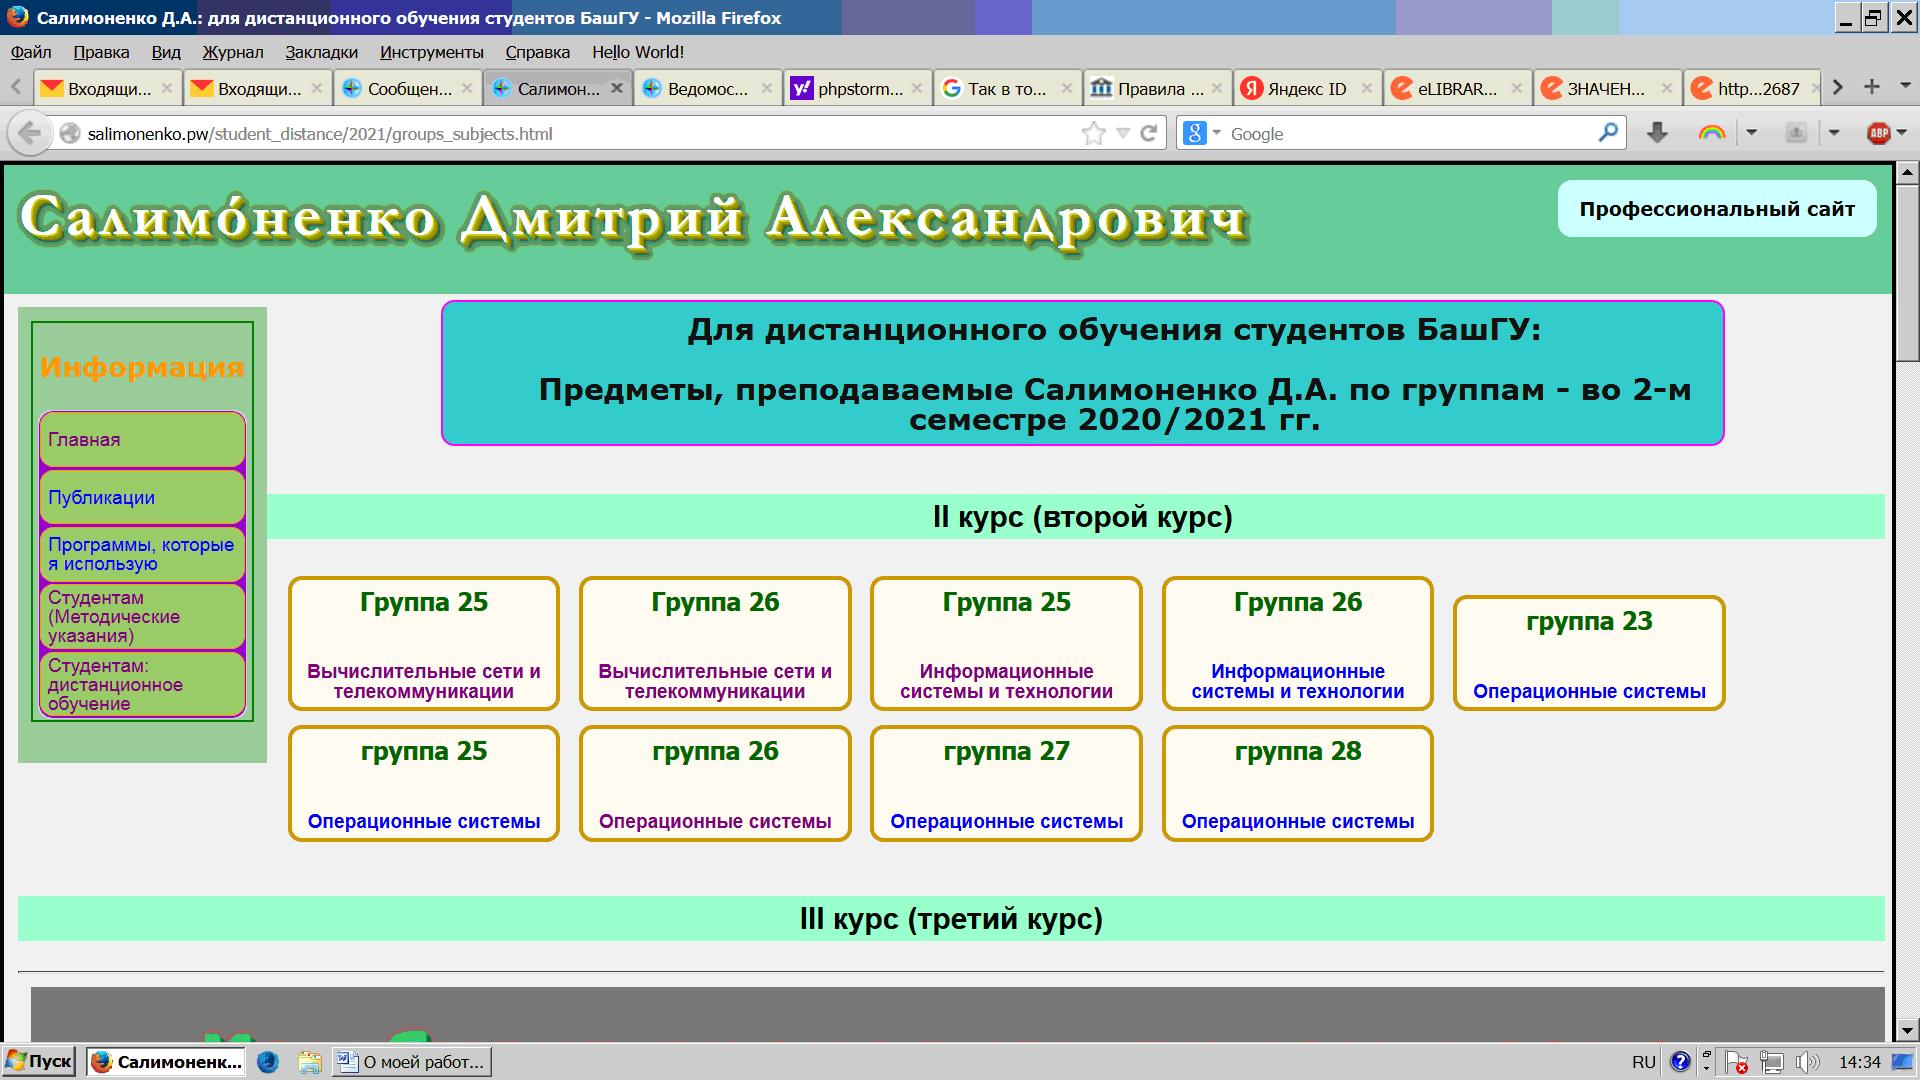 Перечень дисциплин на профессиональном сайте Салимоненко Д.А. (для системы дистанционного обучения)